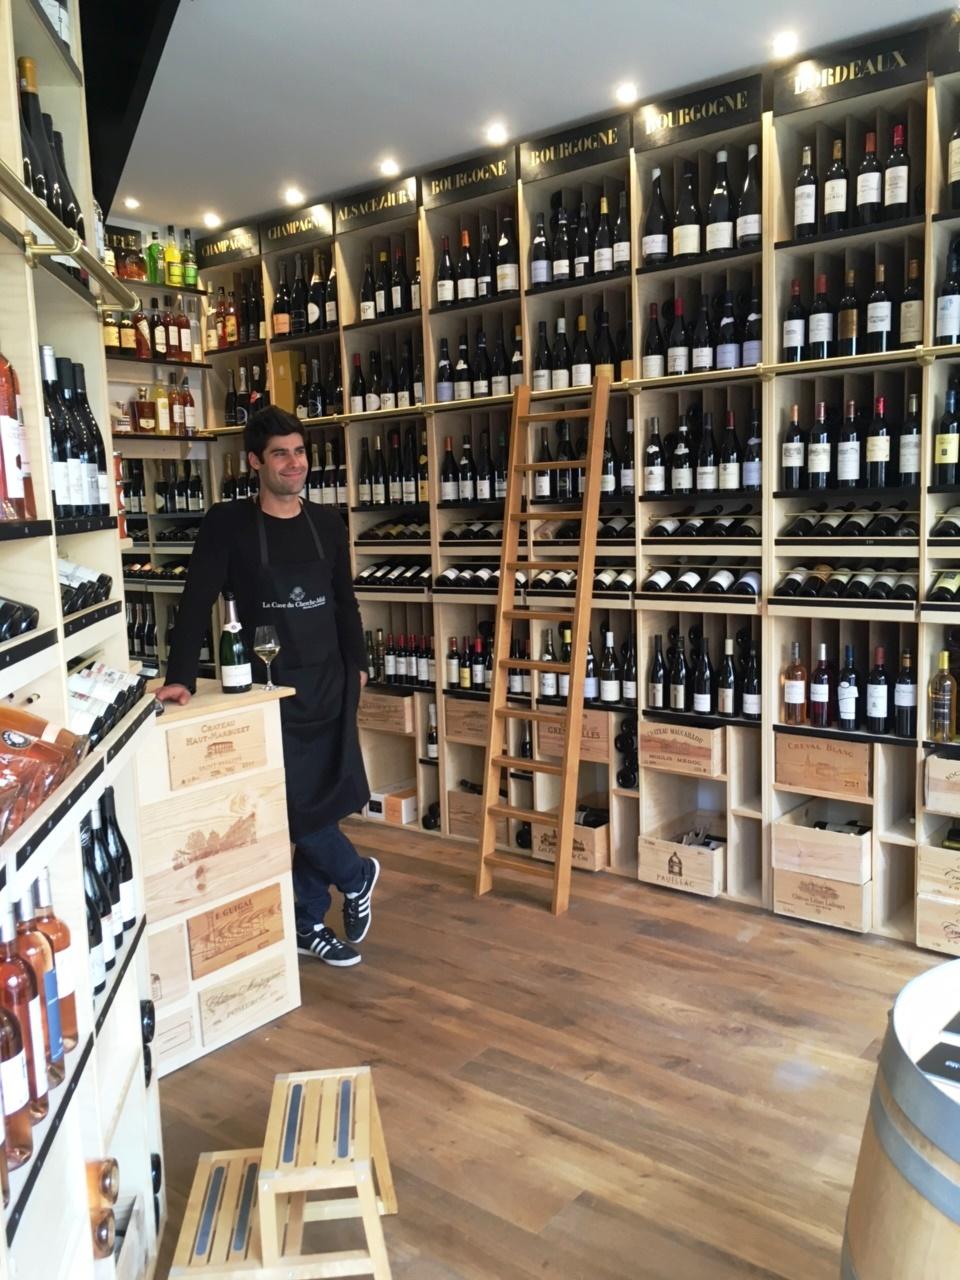 la cave du cherche midi paris achat vins en ligne bordeaux bourgogne champagne spiritueux. Black Bedroom Furniture Sets. Home Design Ideas